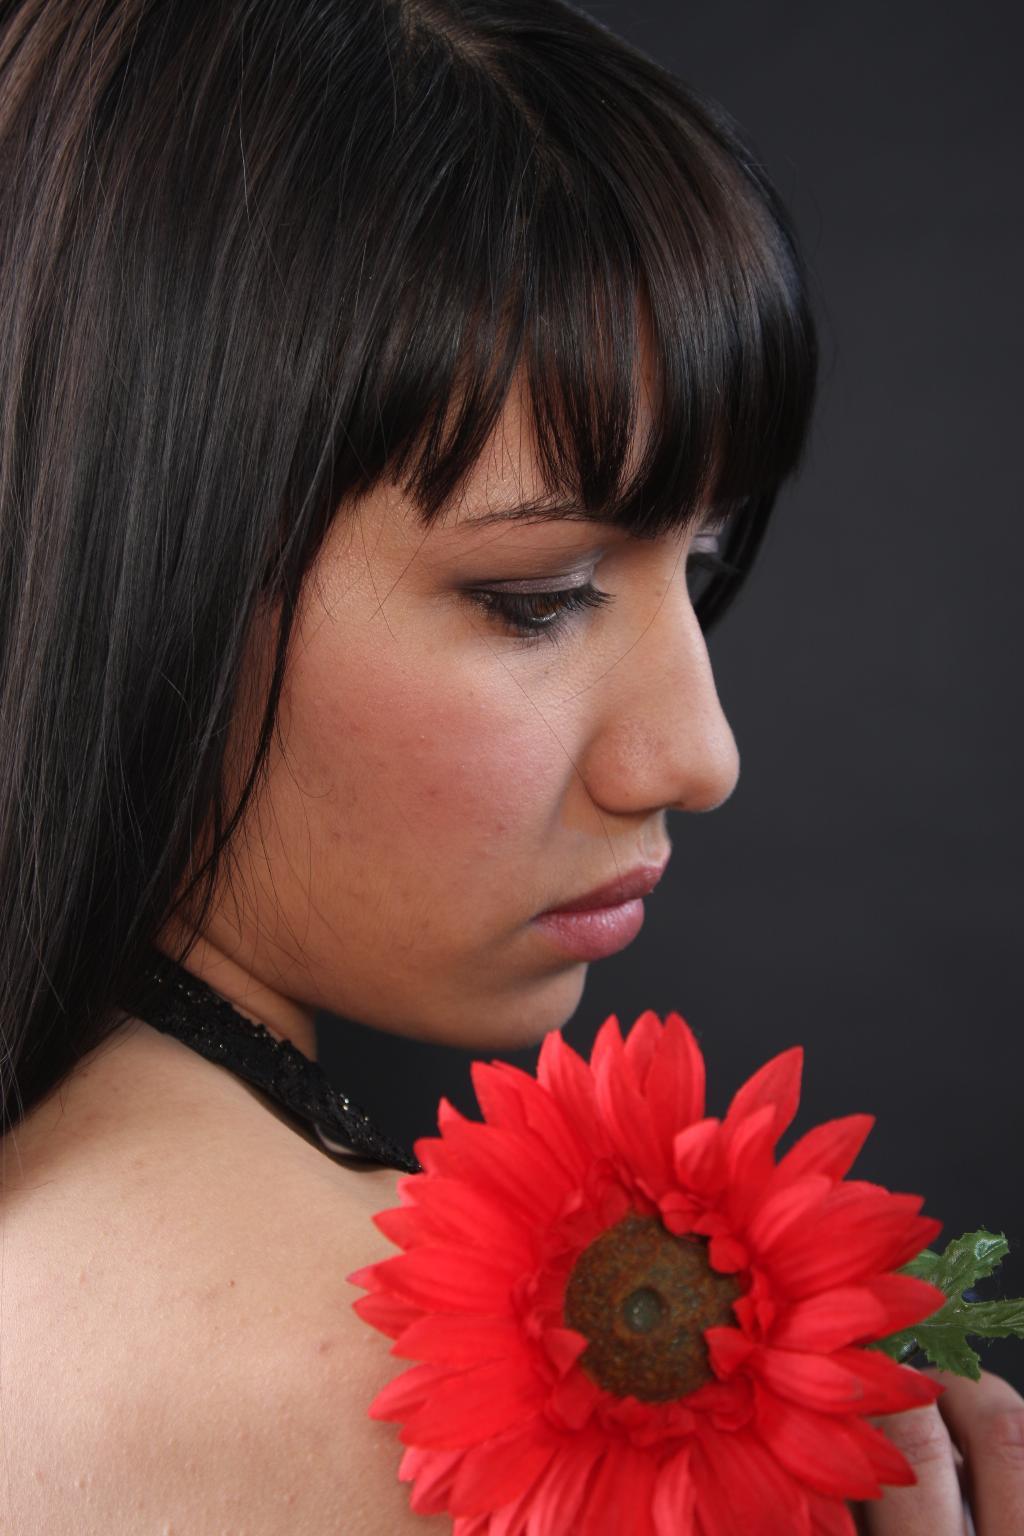 Дарите девушкам цветы)) получите в ответ Улыбку. Цветочное настроение